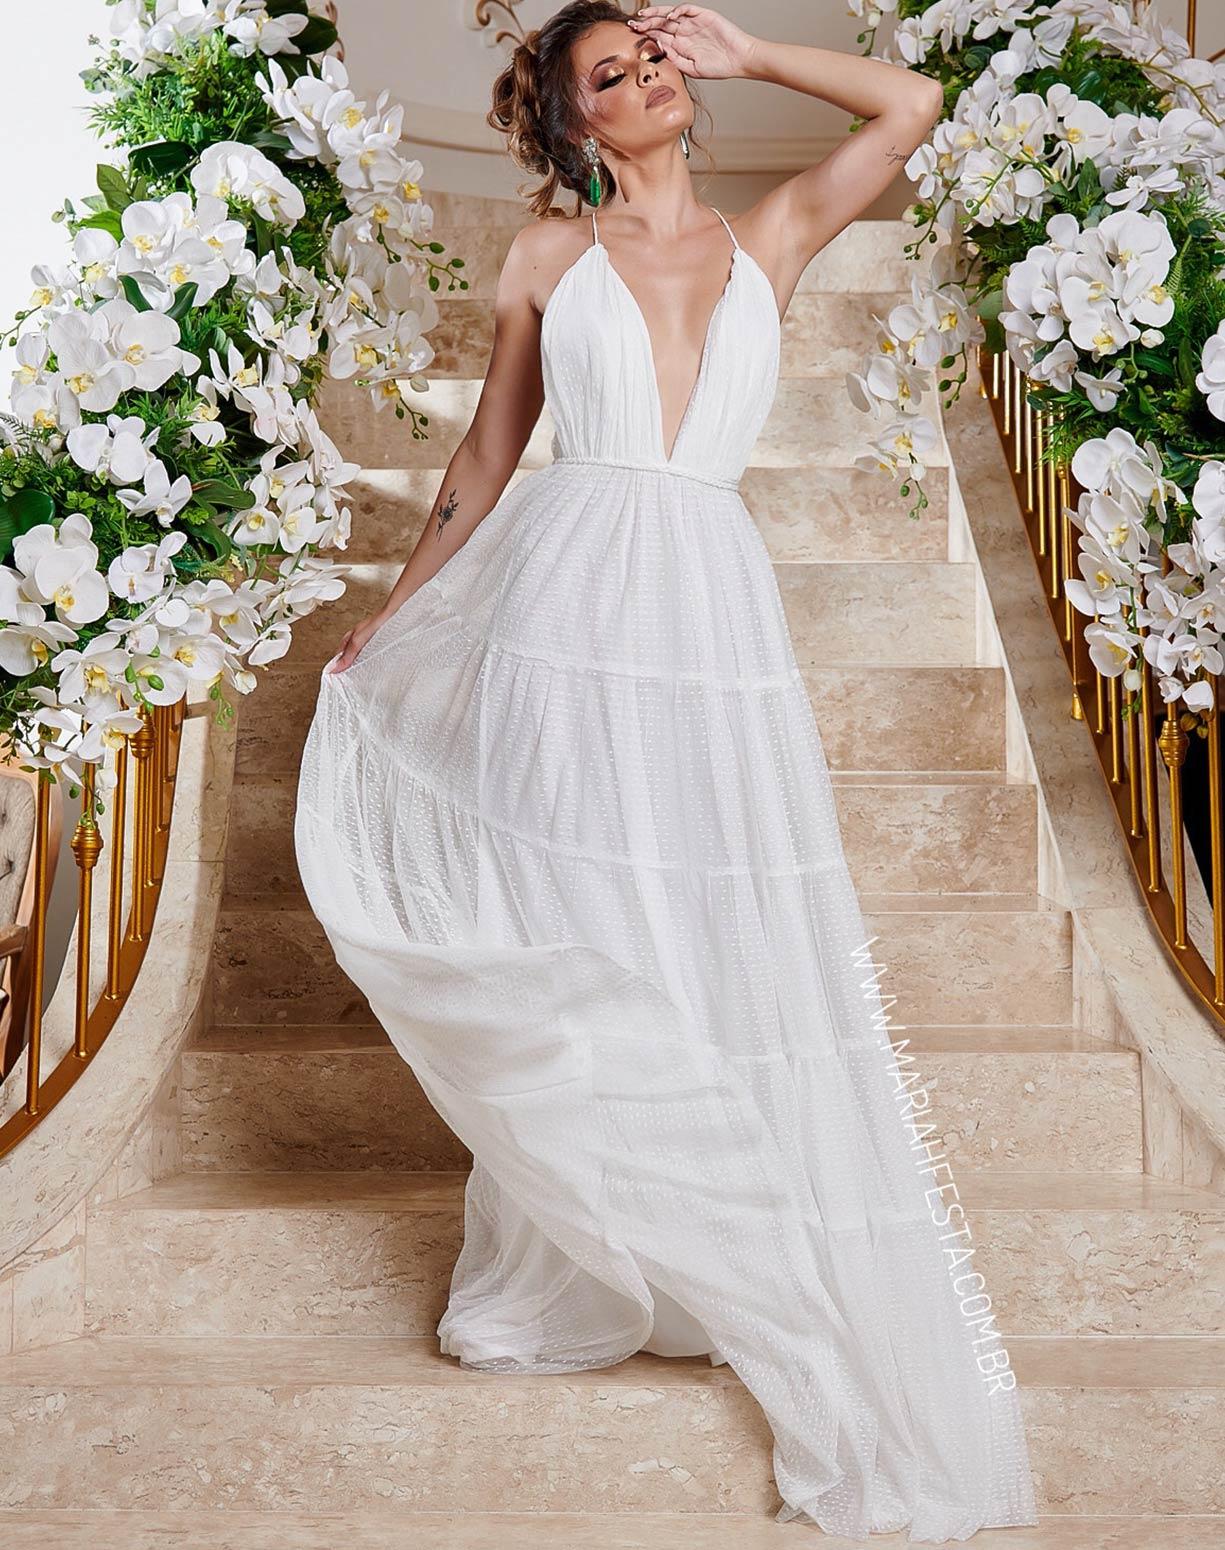 Vestido Branco em Tule Texturizado com Saia em Camadas e Decote nas Costas